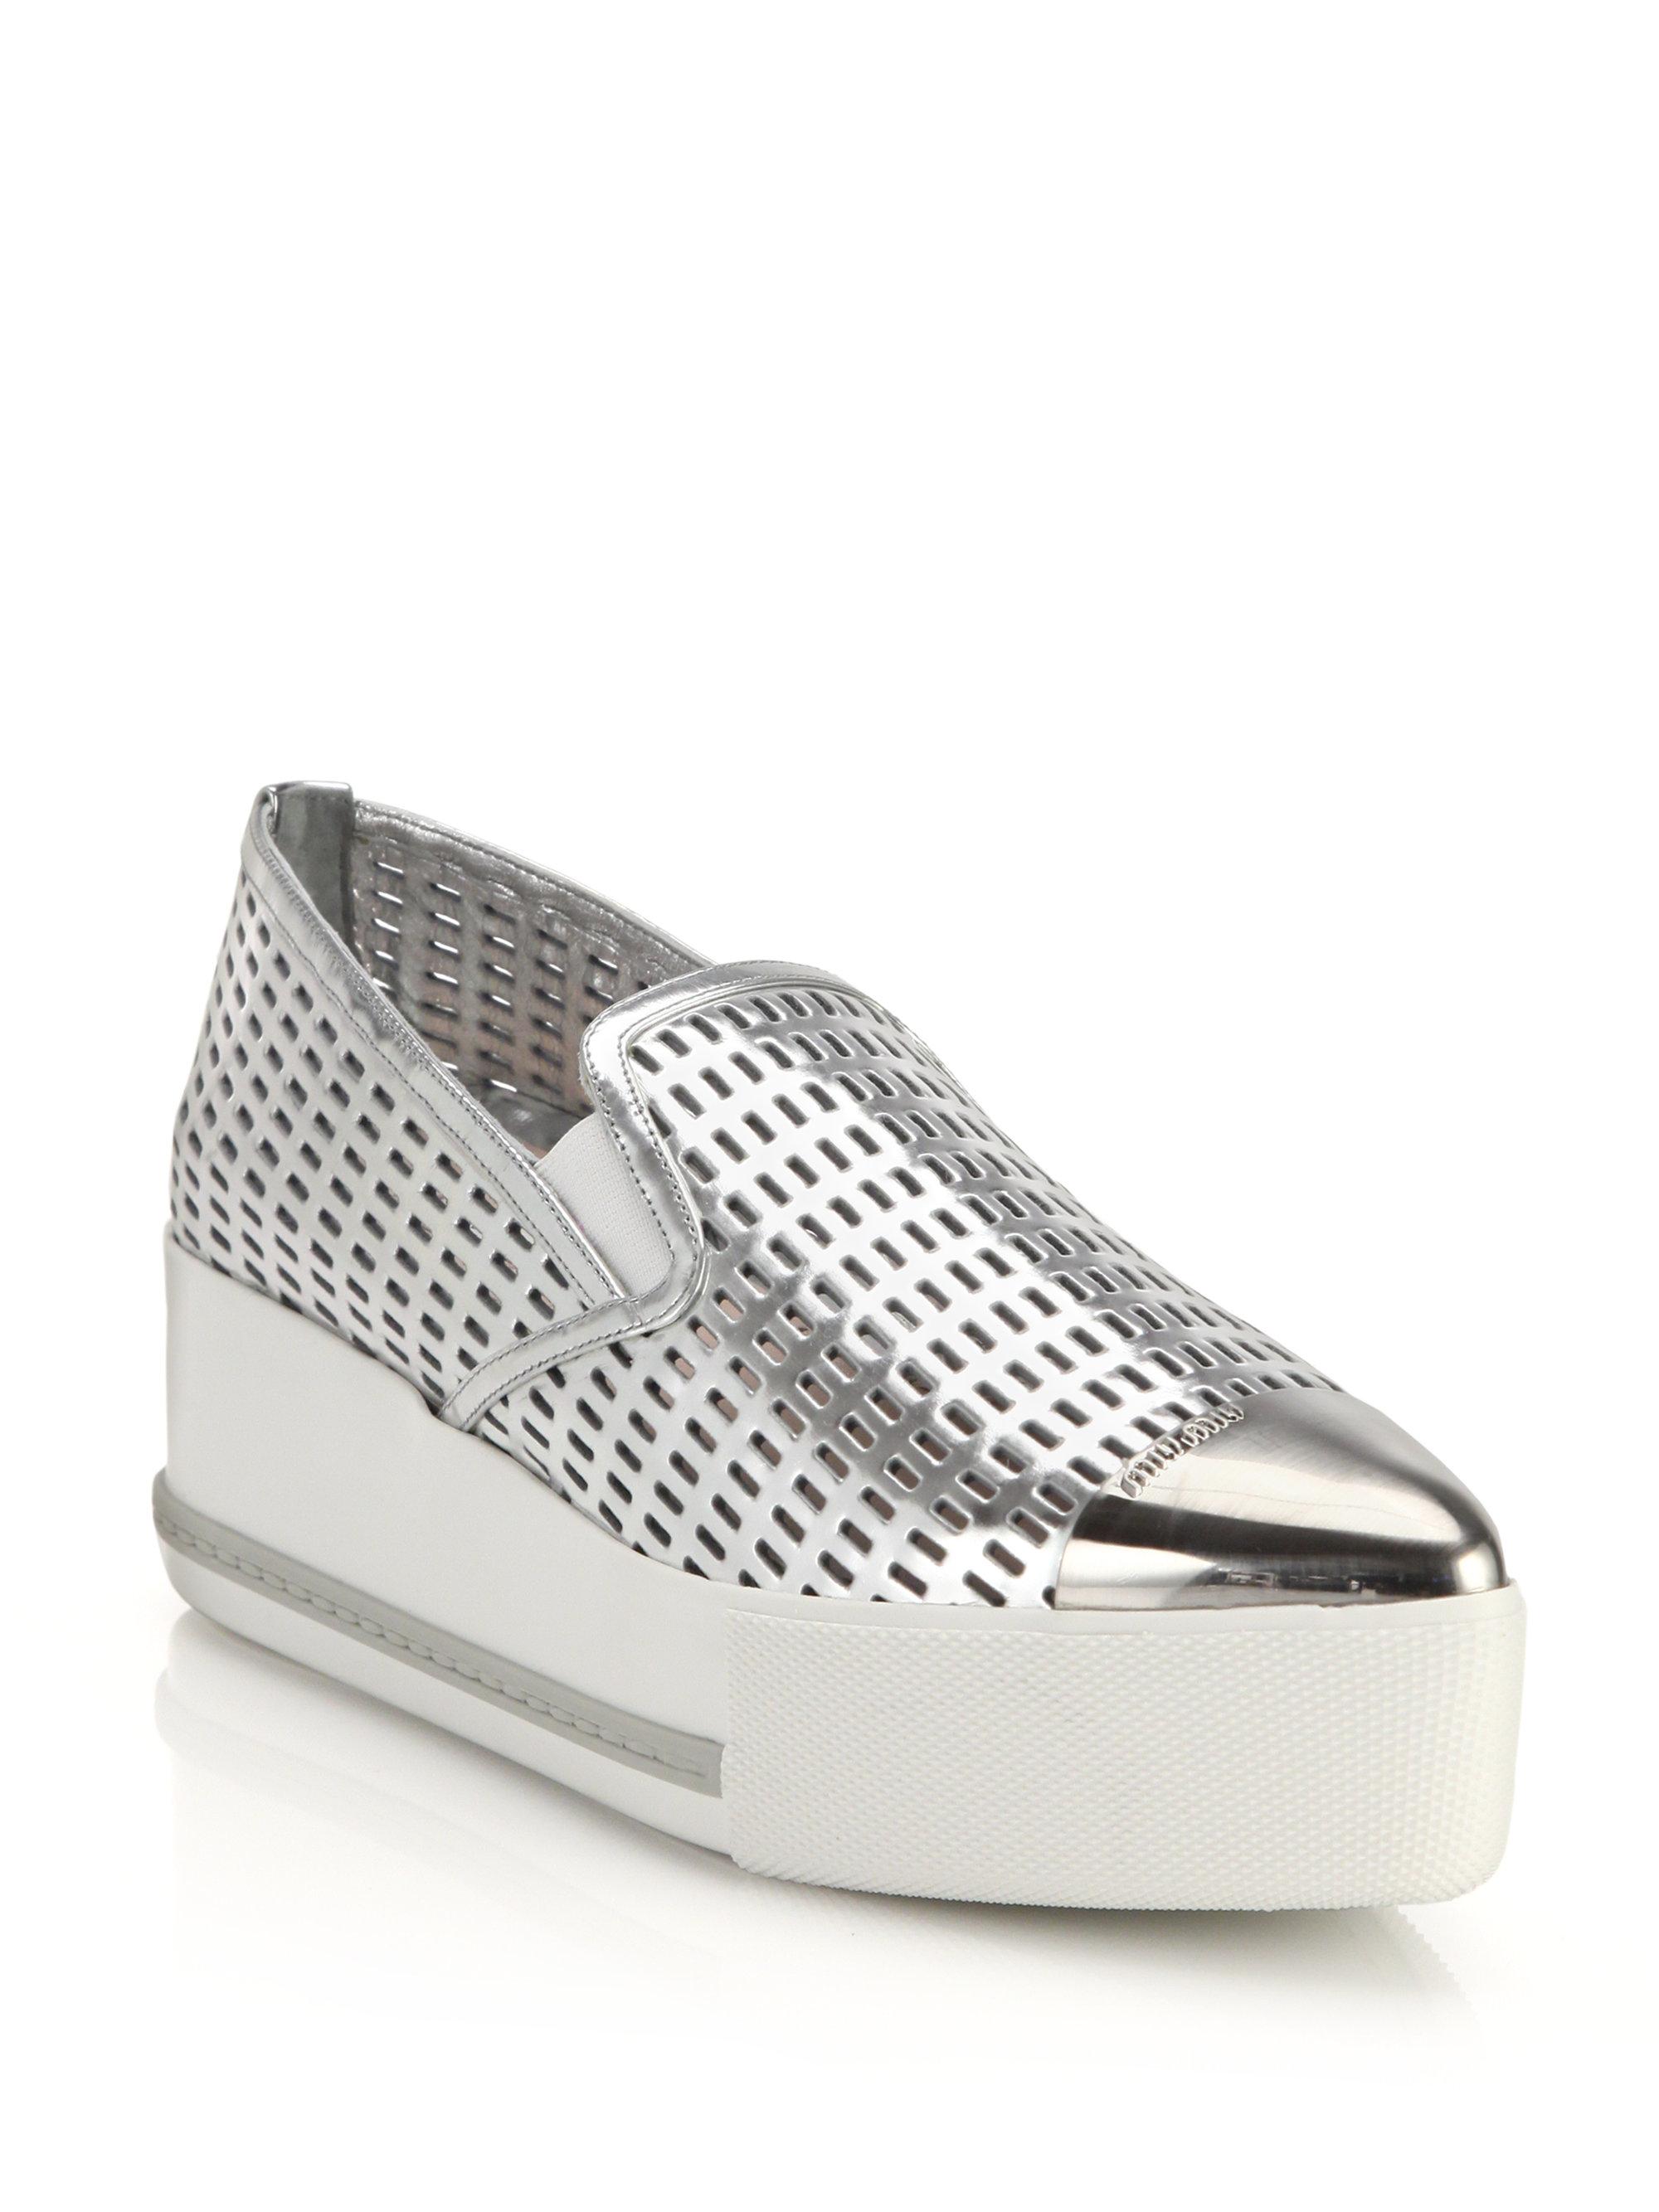 1068360cac1 Miu Miu Sneakers Sale Online - Ontario Active School Travel